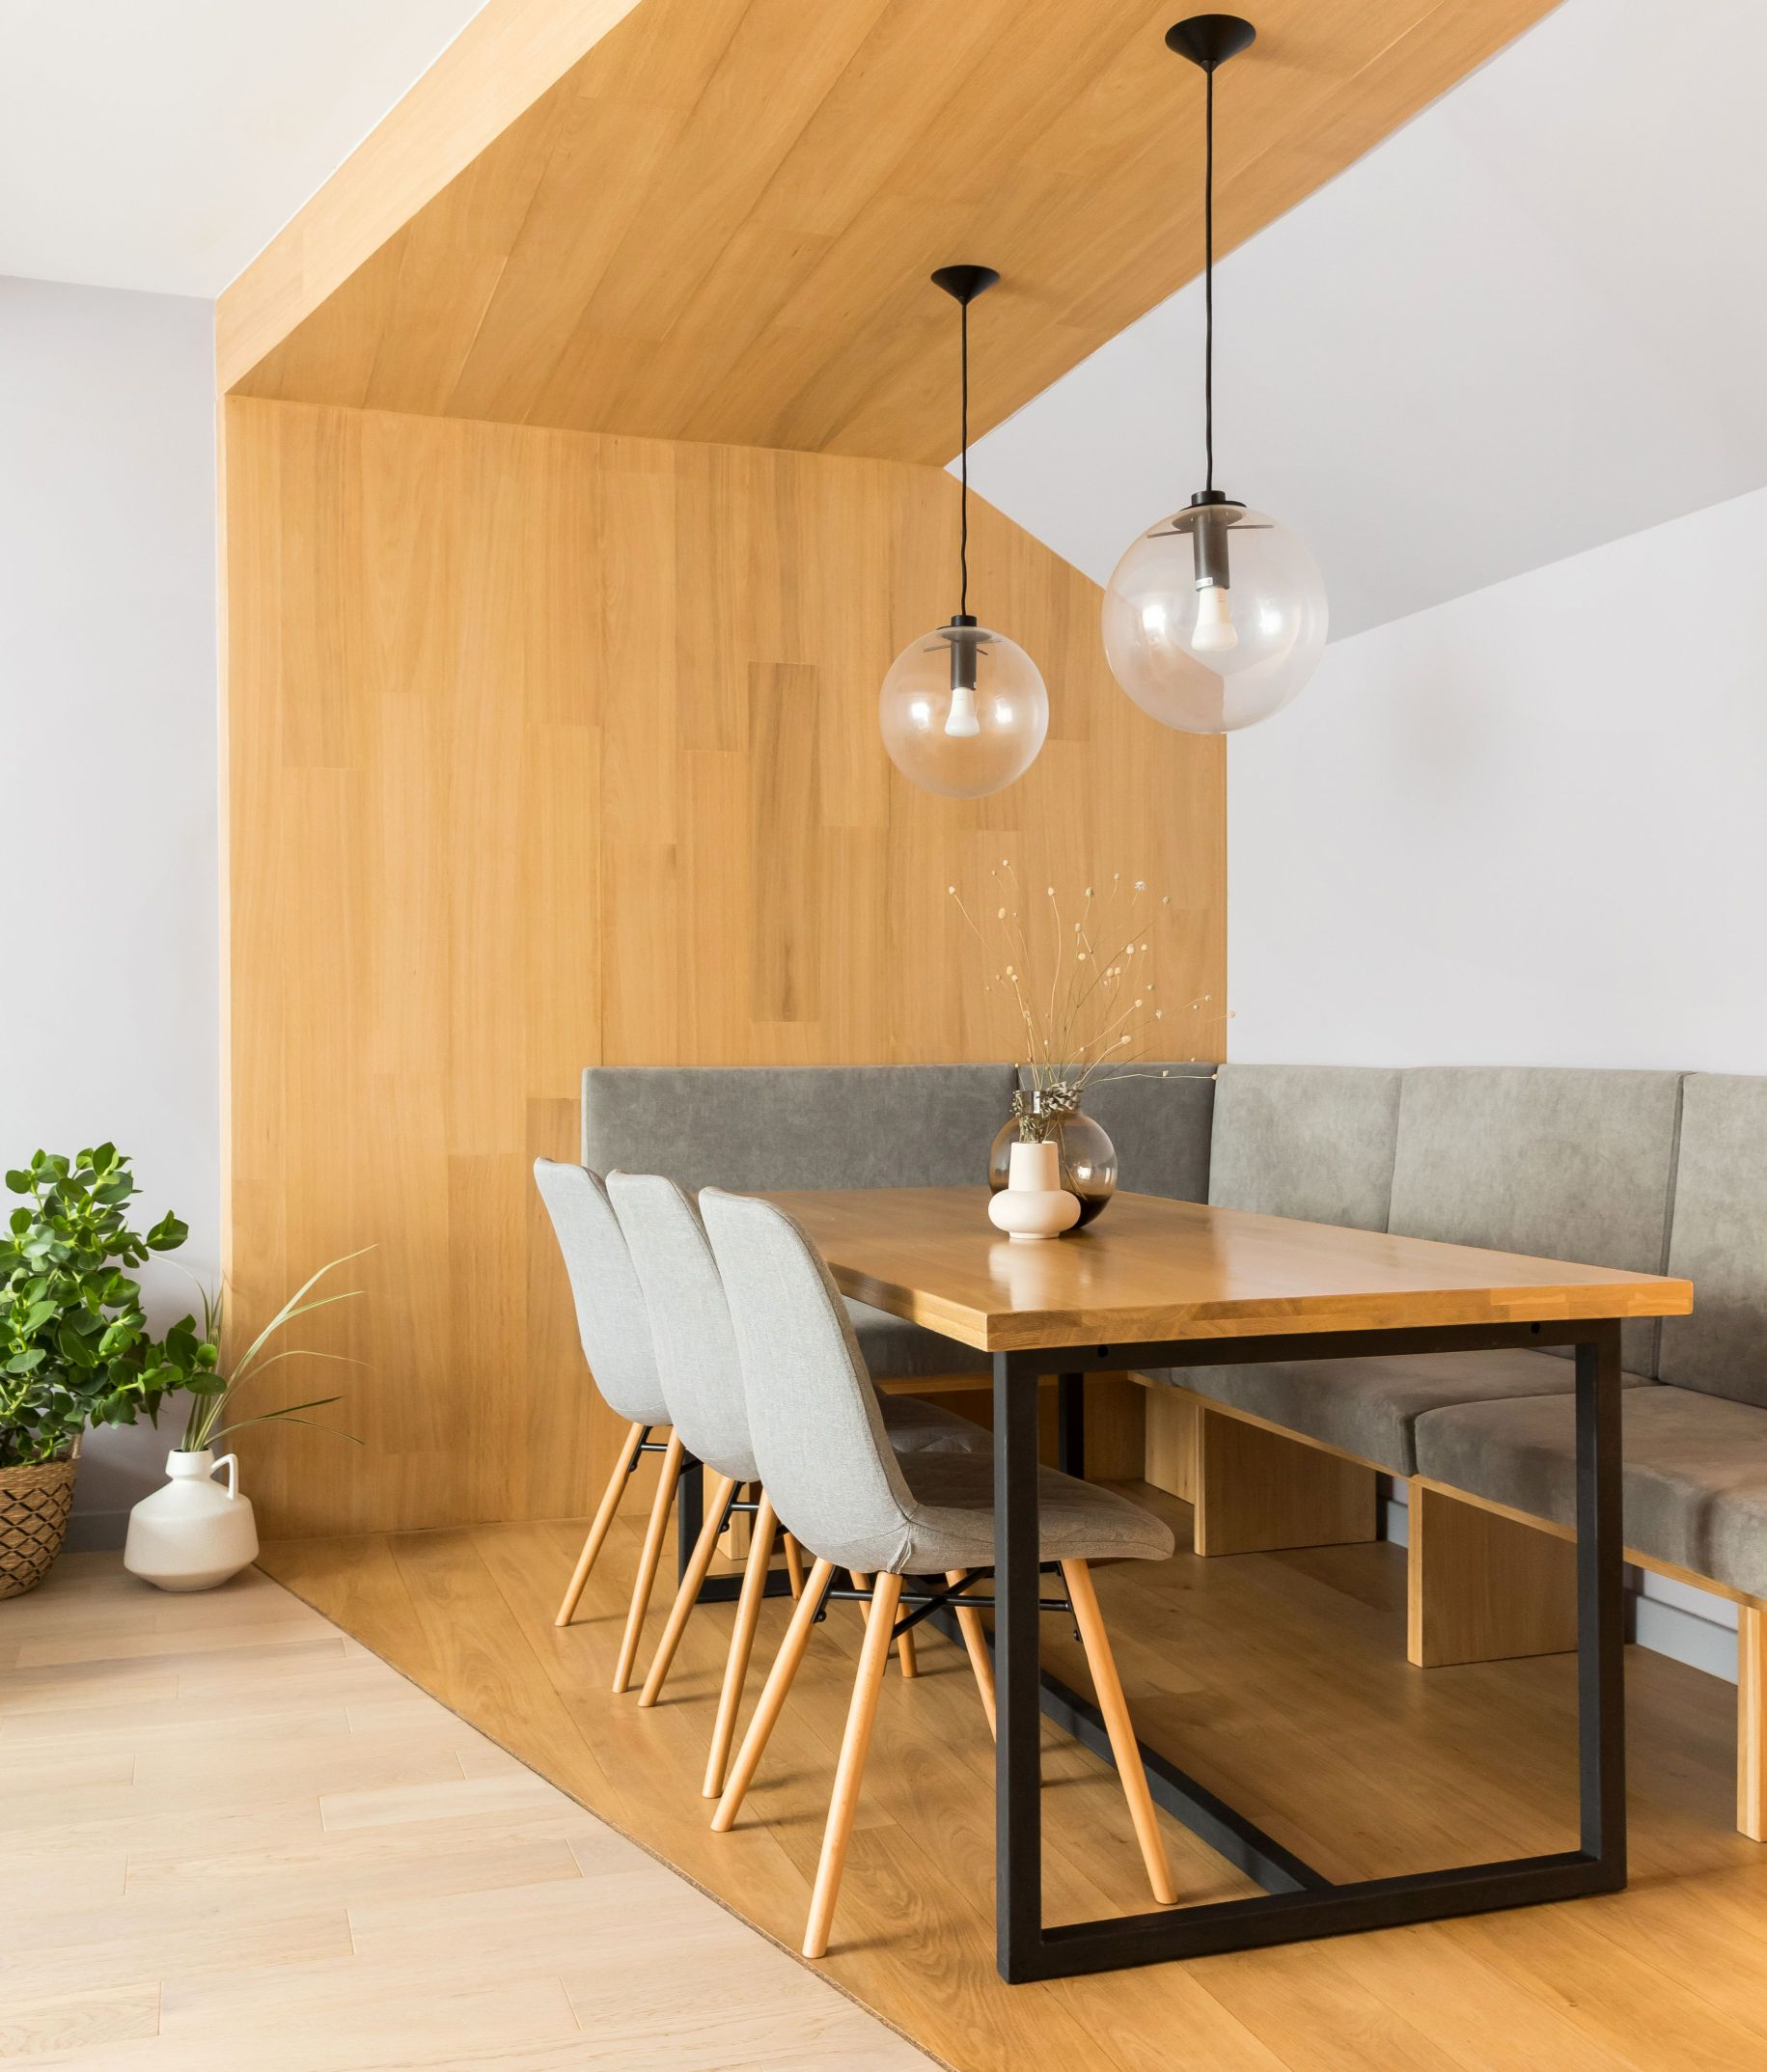 Volumul de lemn ce imbraca locul de luat masa creeaza o zona calda si confortabila. Scaunele de dining si bancheta gri neutre pun in valoare volumul de lemn prin simplitatea lor.